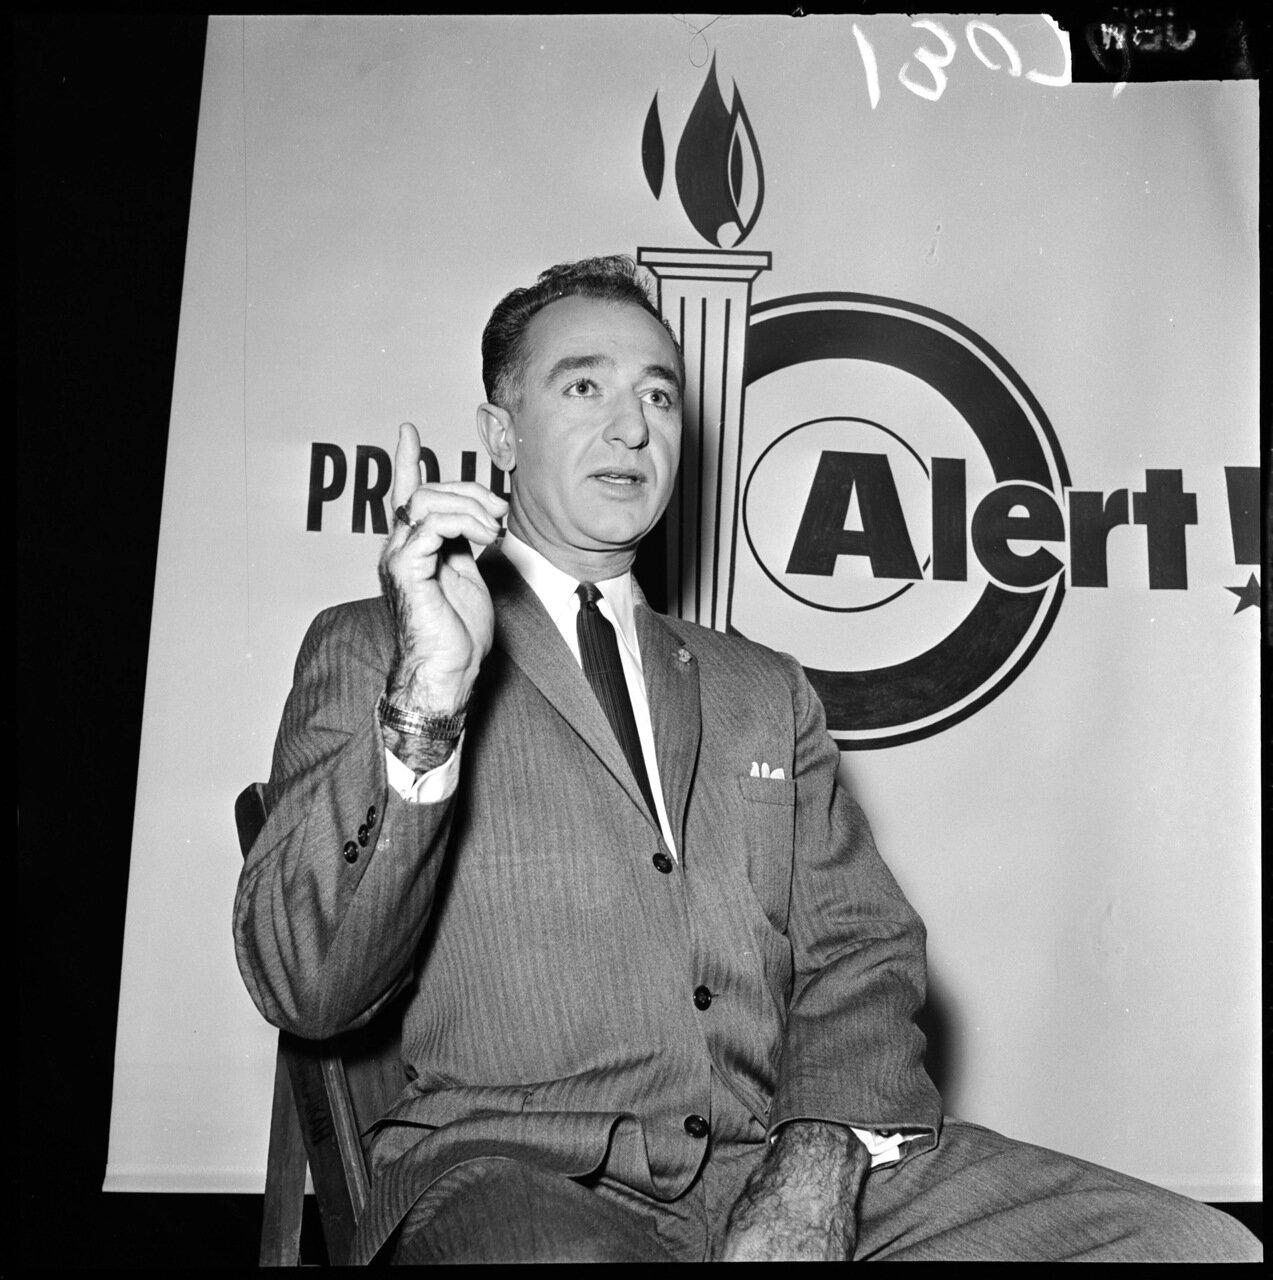 1961.13 декабря. Проект Тревога (антикоммунистическая конференция). Полковник Митчелл Пэйдж (морская пехота США, в отставке)